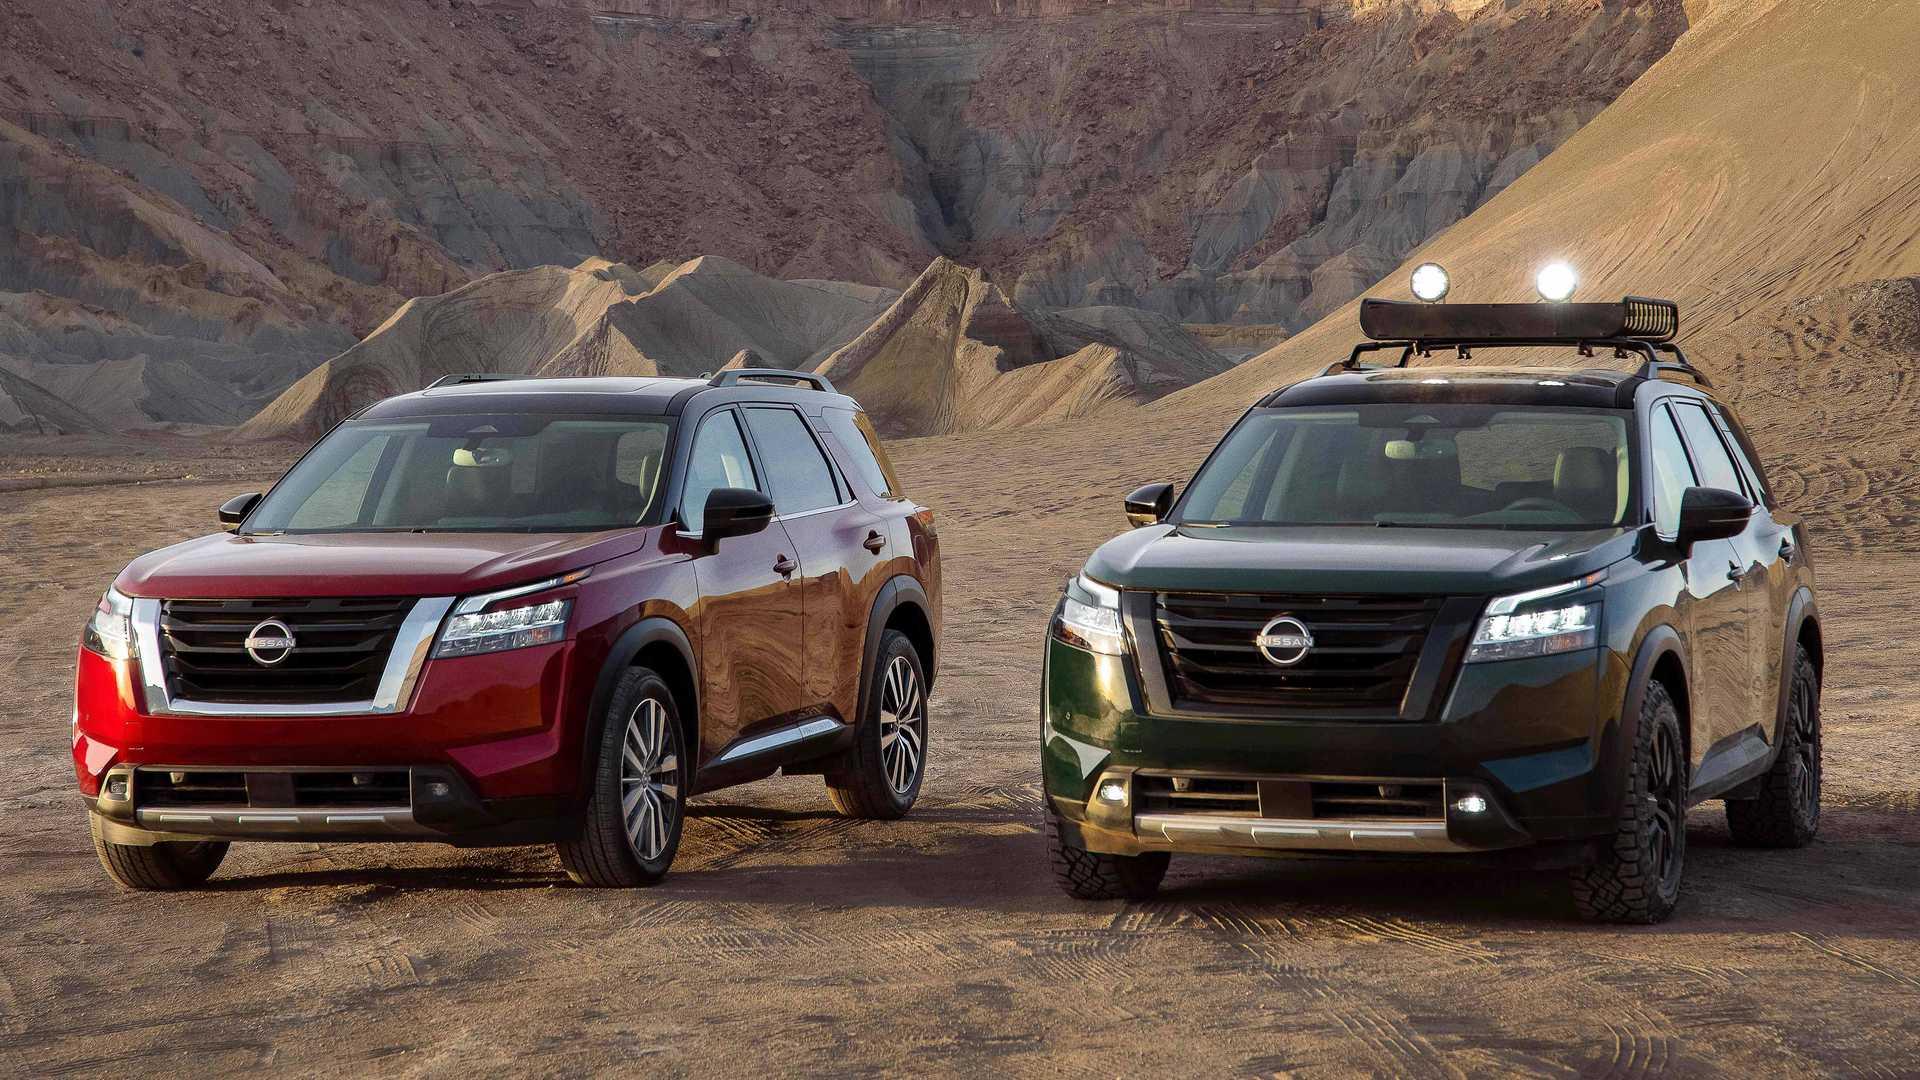 Новый Nissan Pathfinder представлен официально. Он появится в России уже в этом году